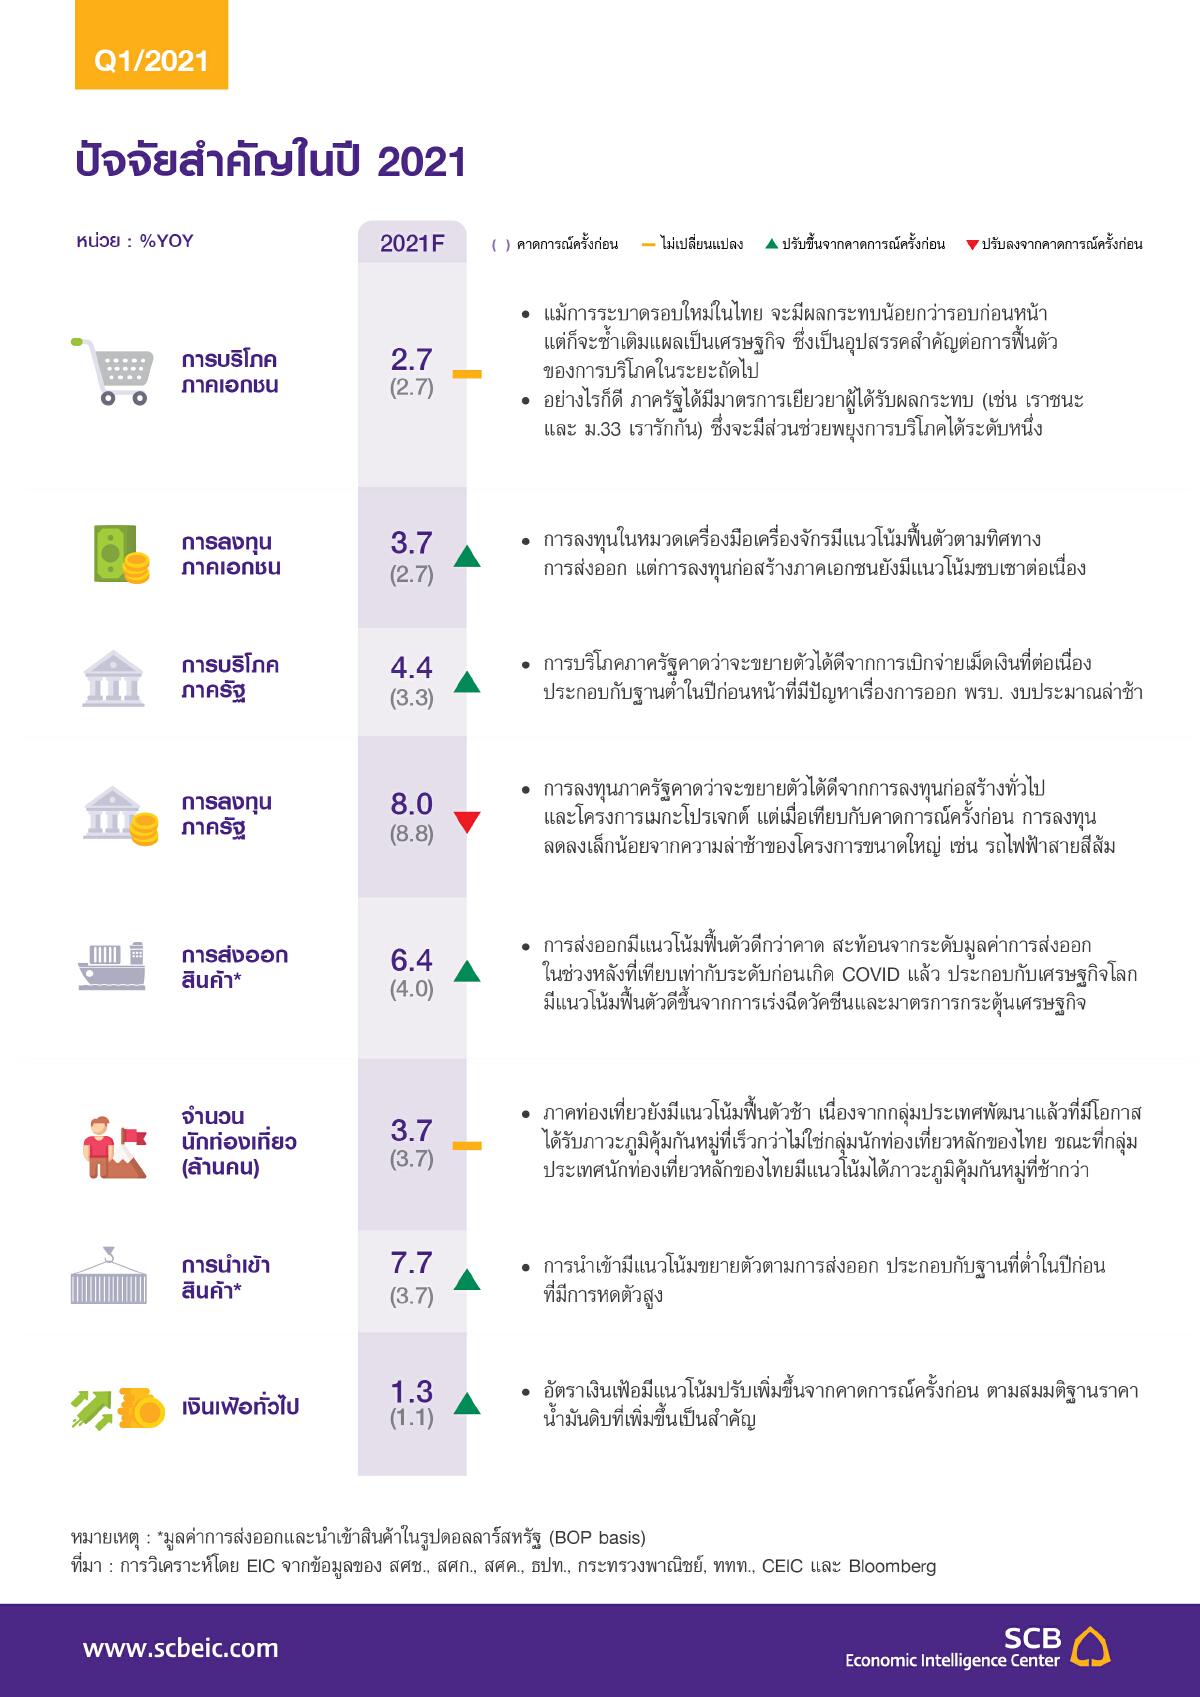 มุมมองเศรษฐกิจไทยของไทยพาณิชย์ จีดีพี ดีขึ้นรับวัคซีน-เศรษฐกิจโลกฟื้น